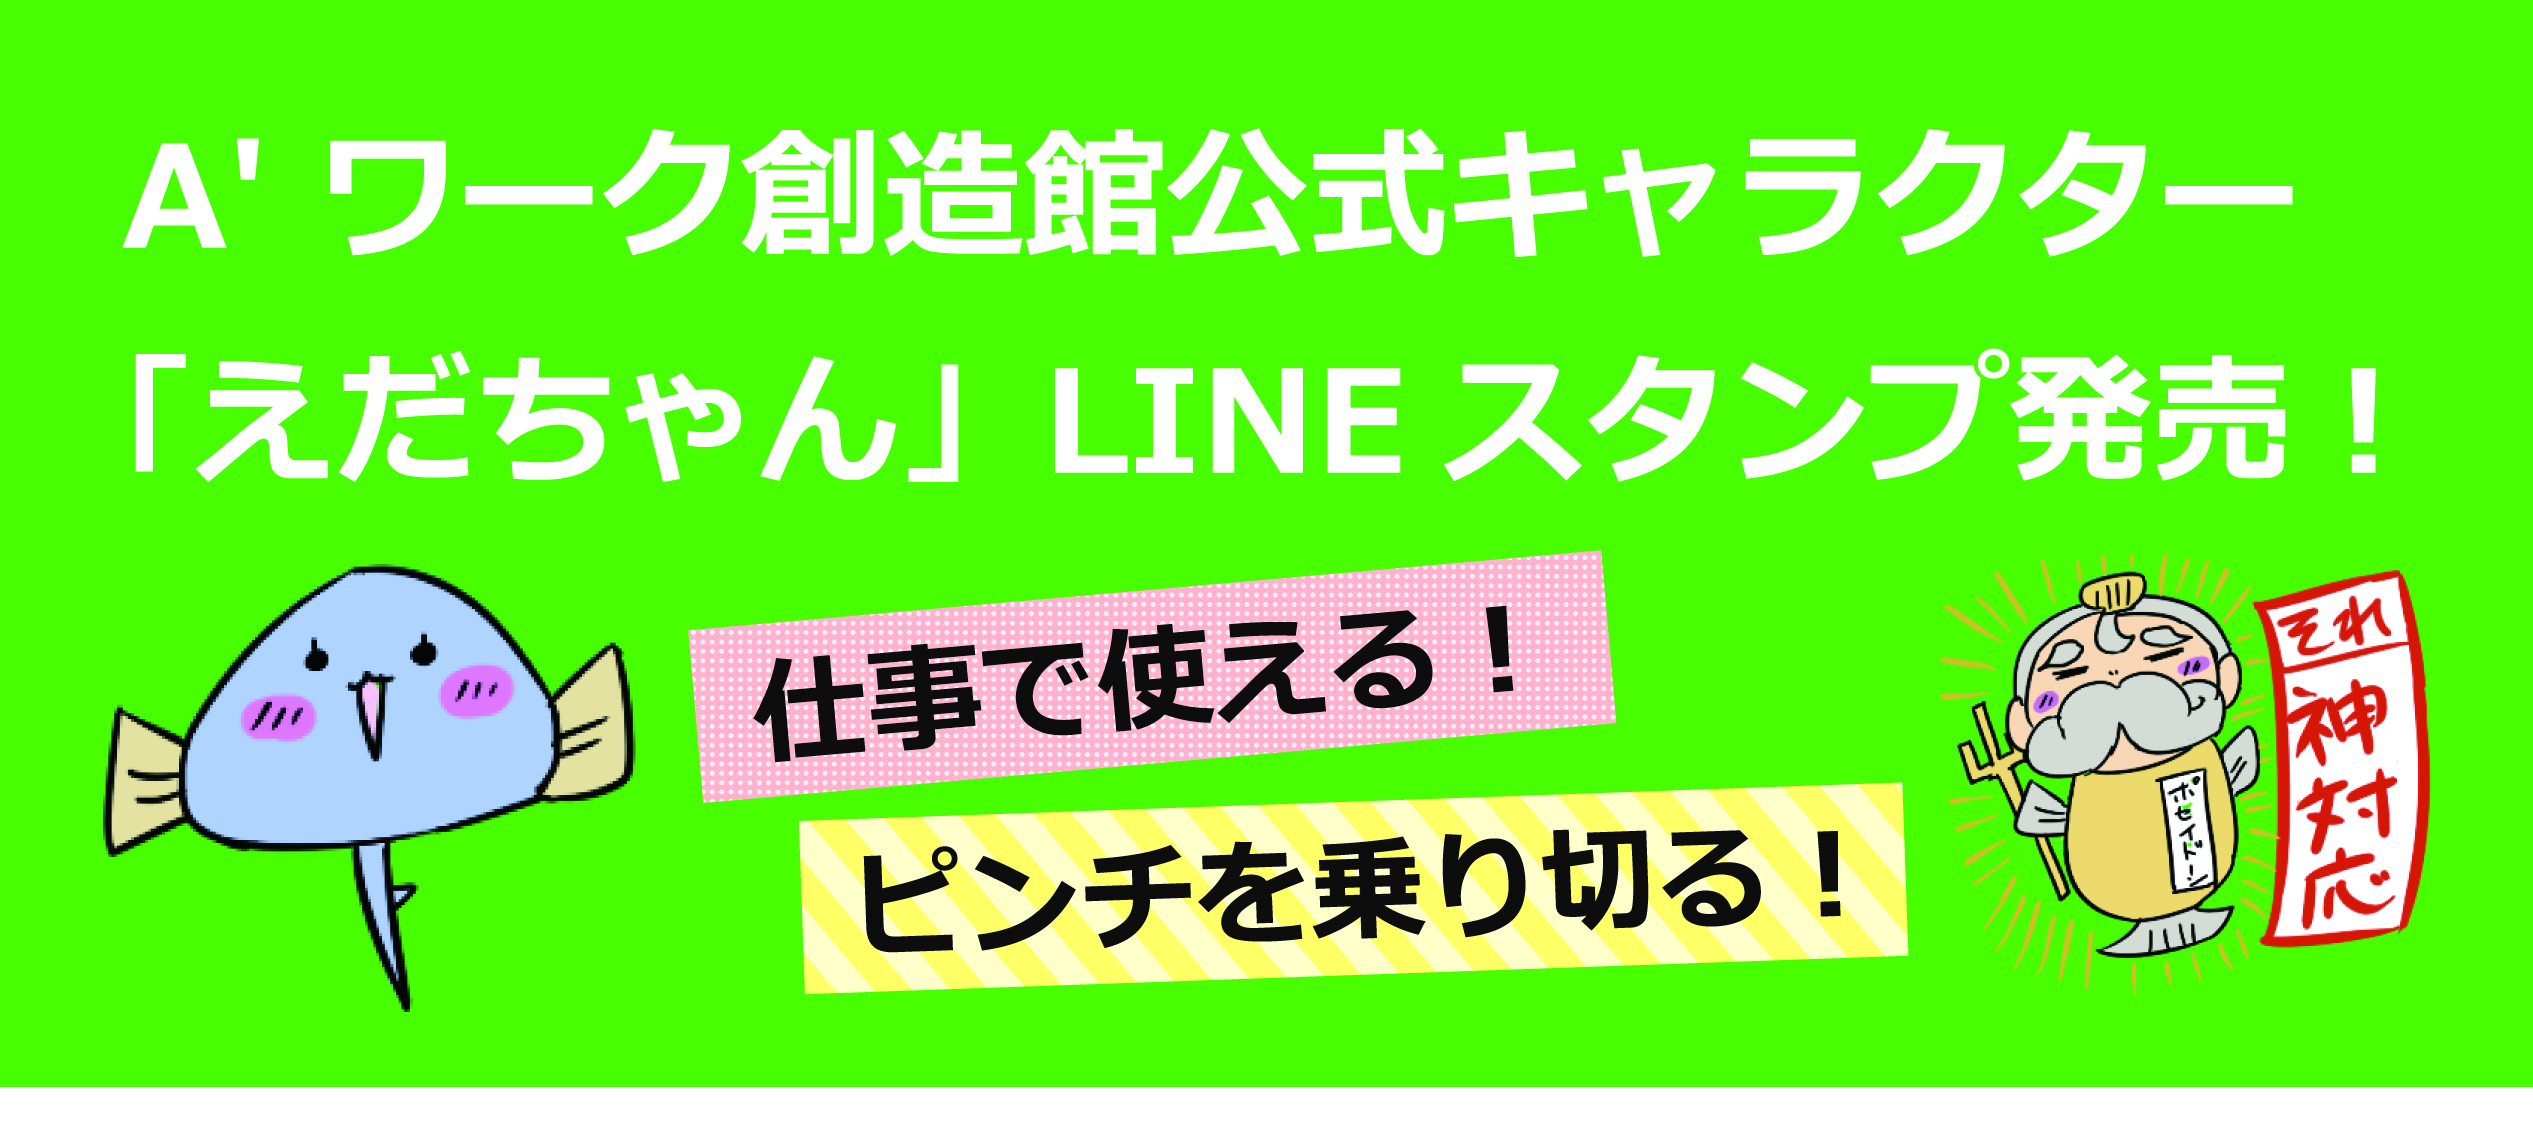 linestamp_banner